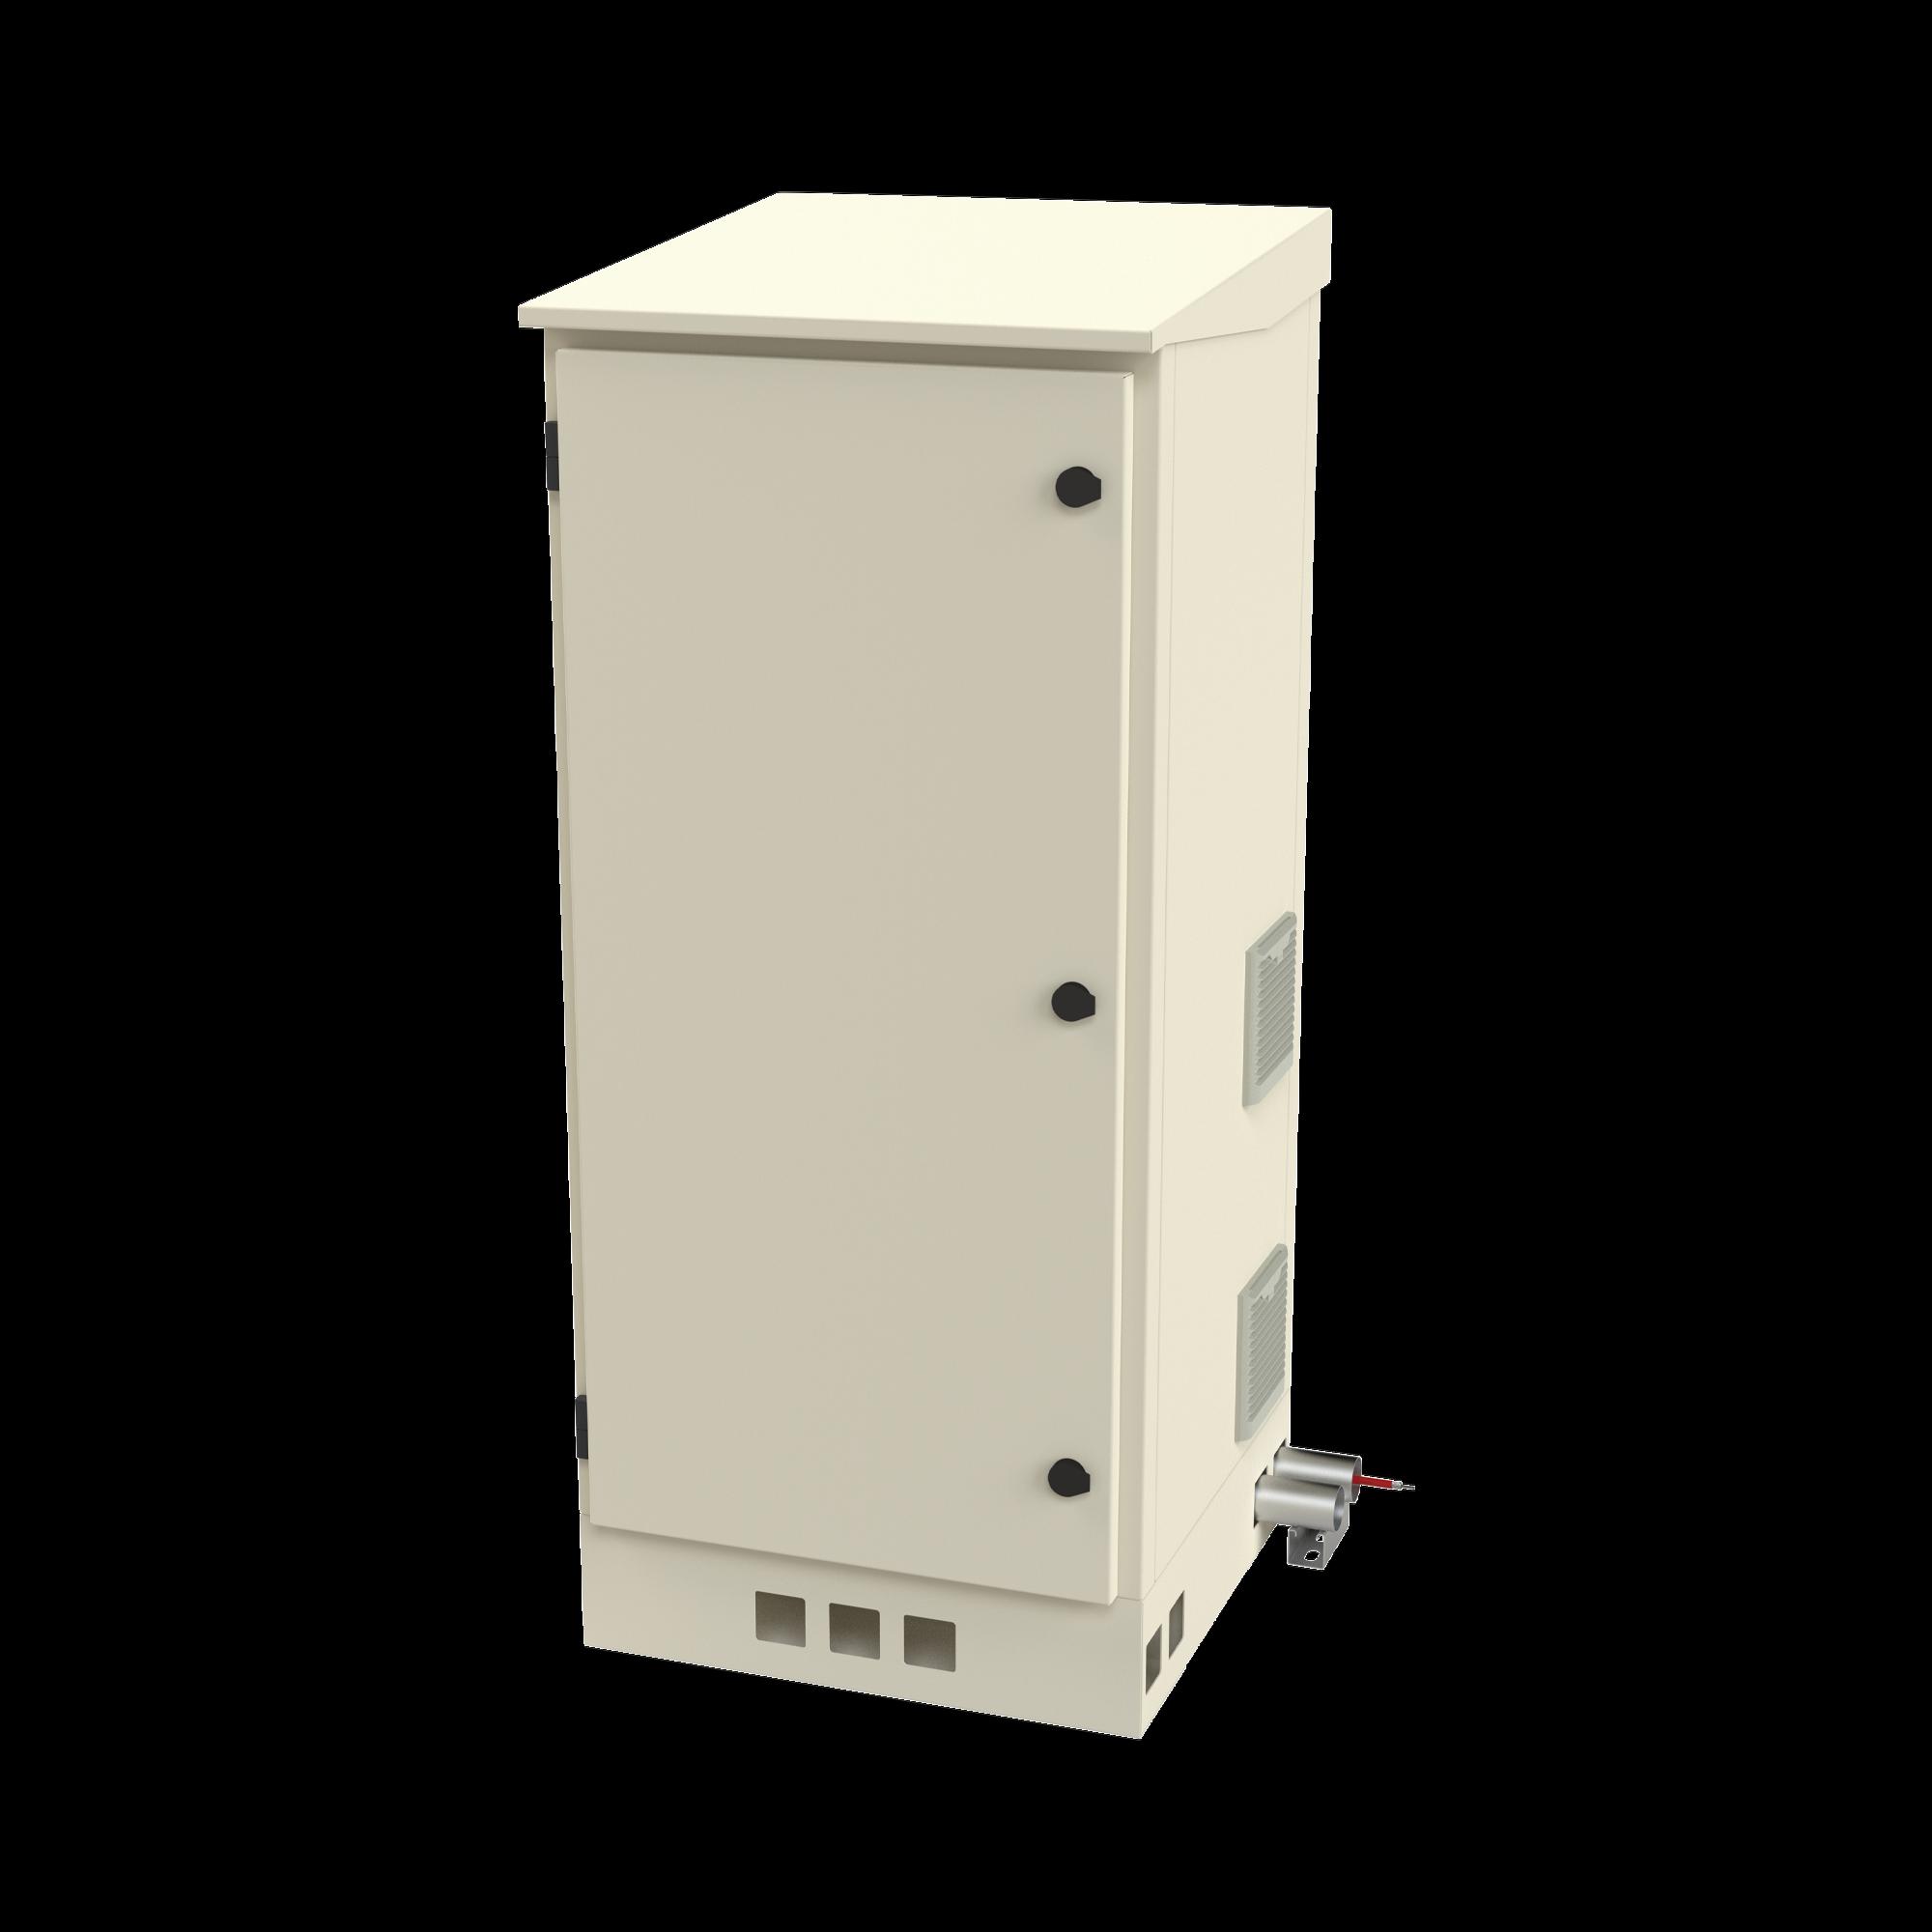 Gabinete de Piso para Exterior con Ventiladores y Termostato con Rack de 19 de 16 U + Espacio para Baterías.